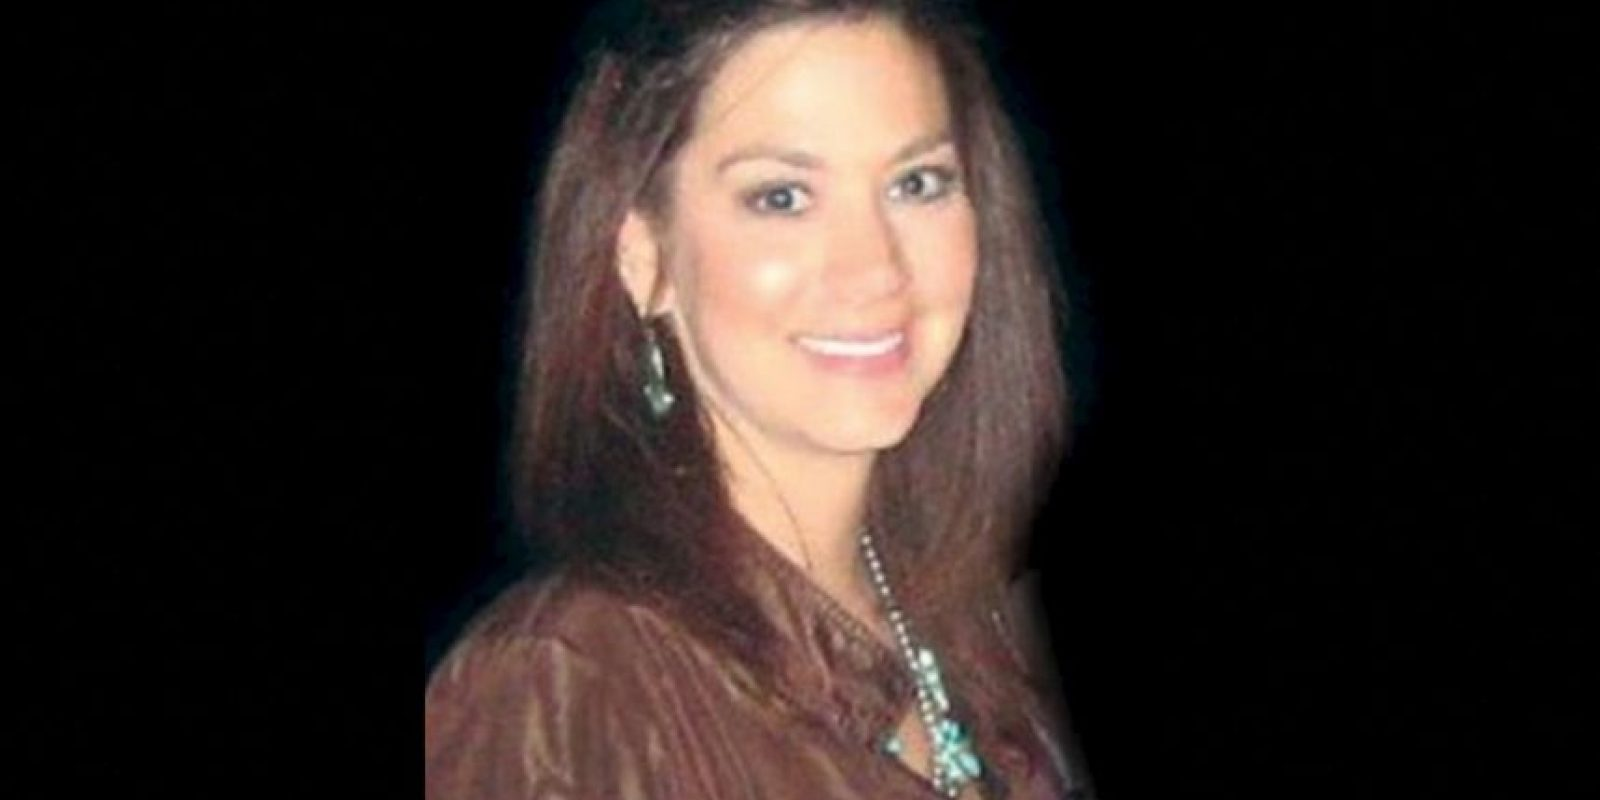 Ashlee Tillard, de 34 años. Se le retiró la licencia para impartir clases en Estados Unidos Foto:Douglas Budget